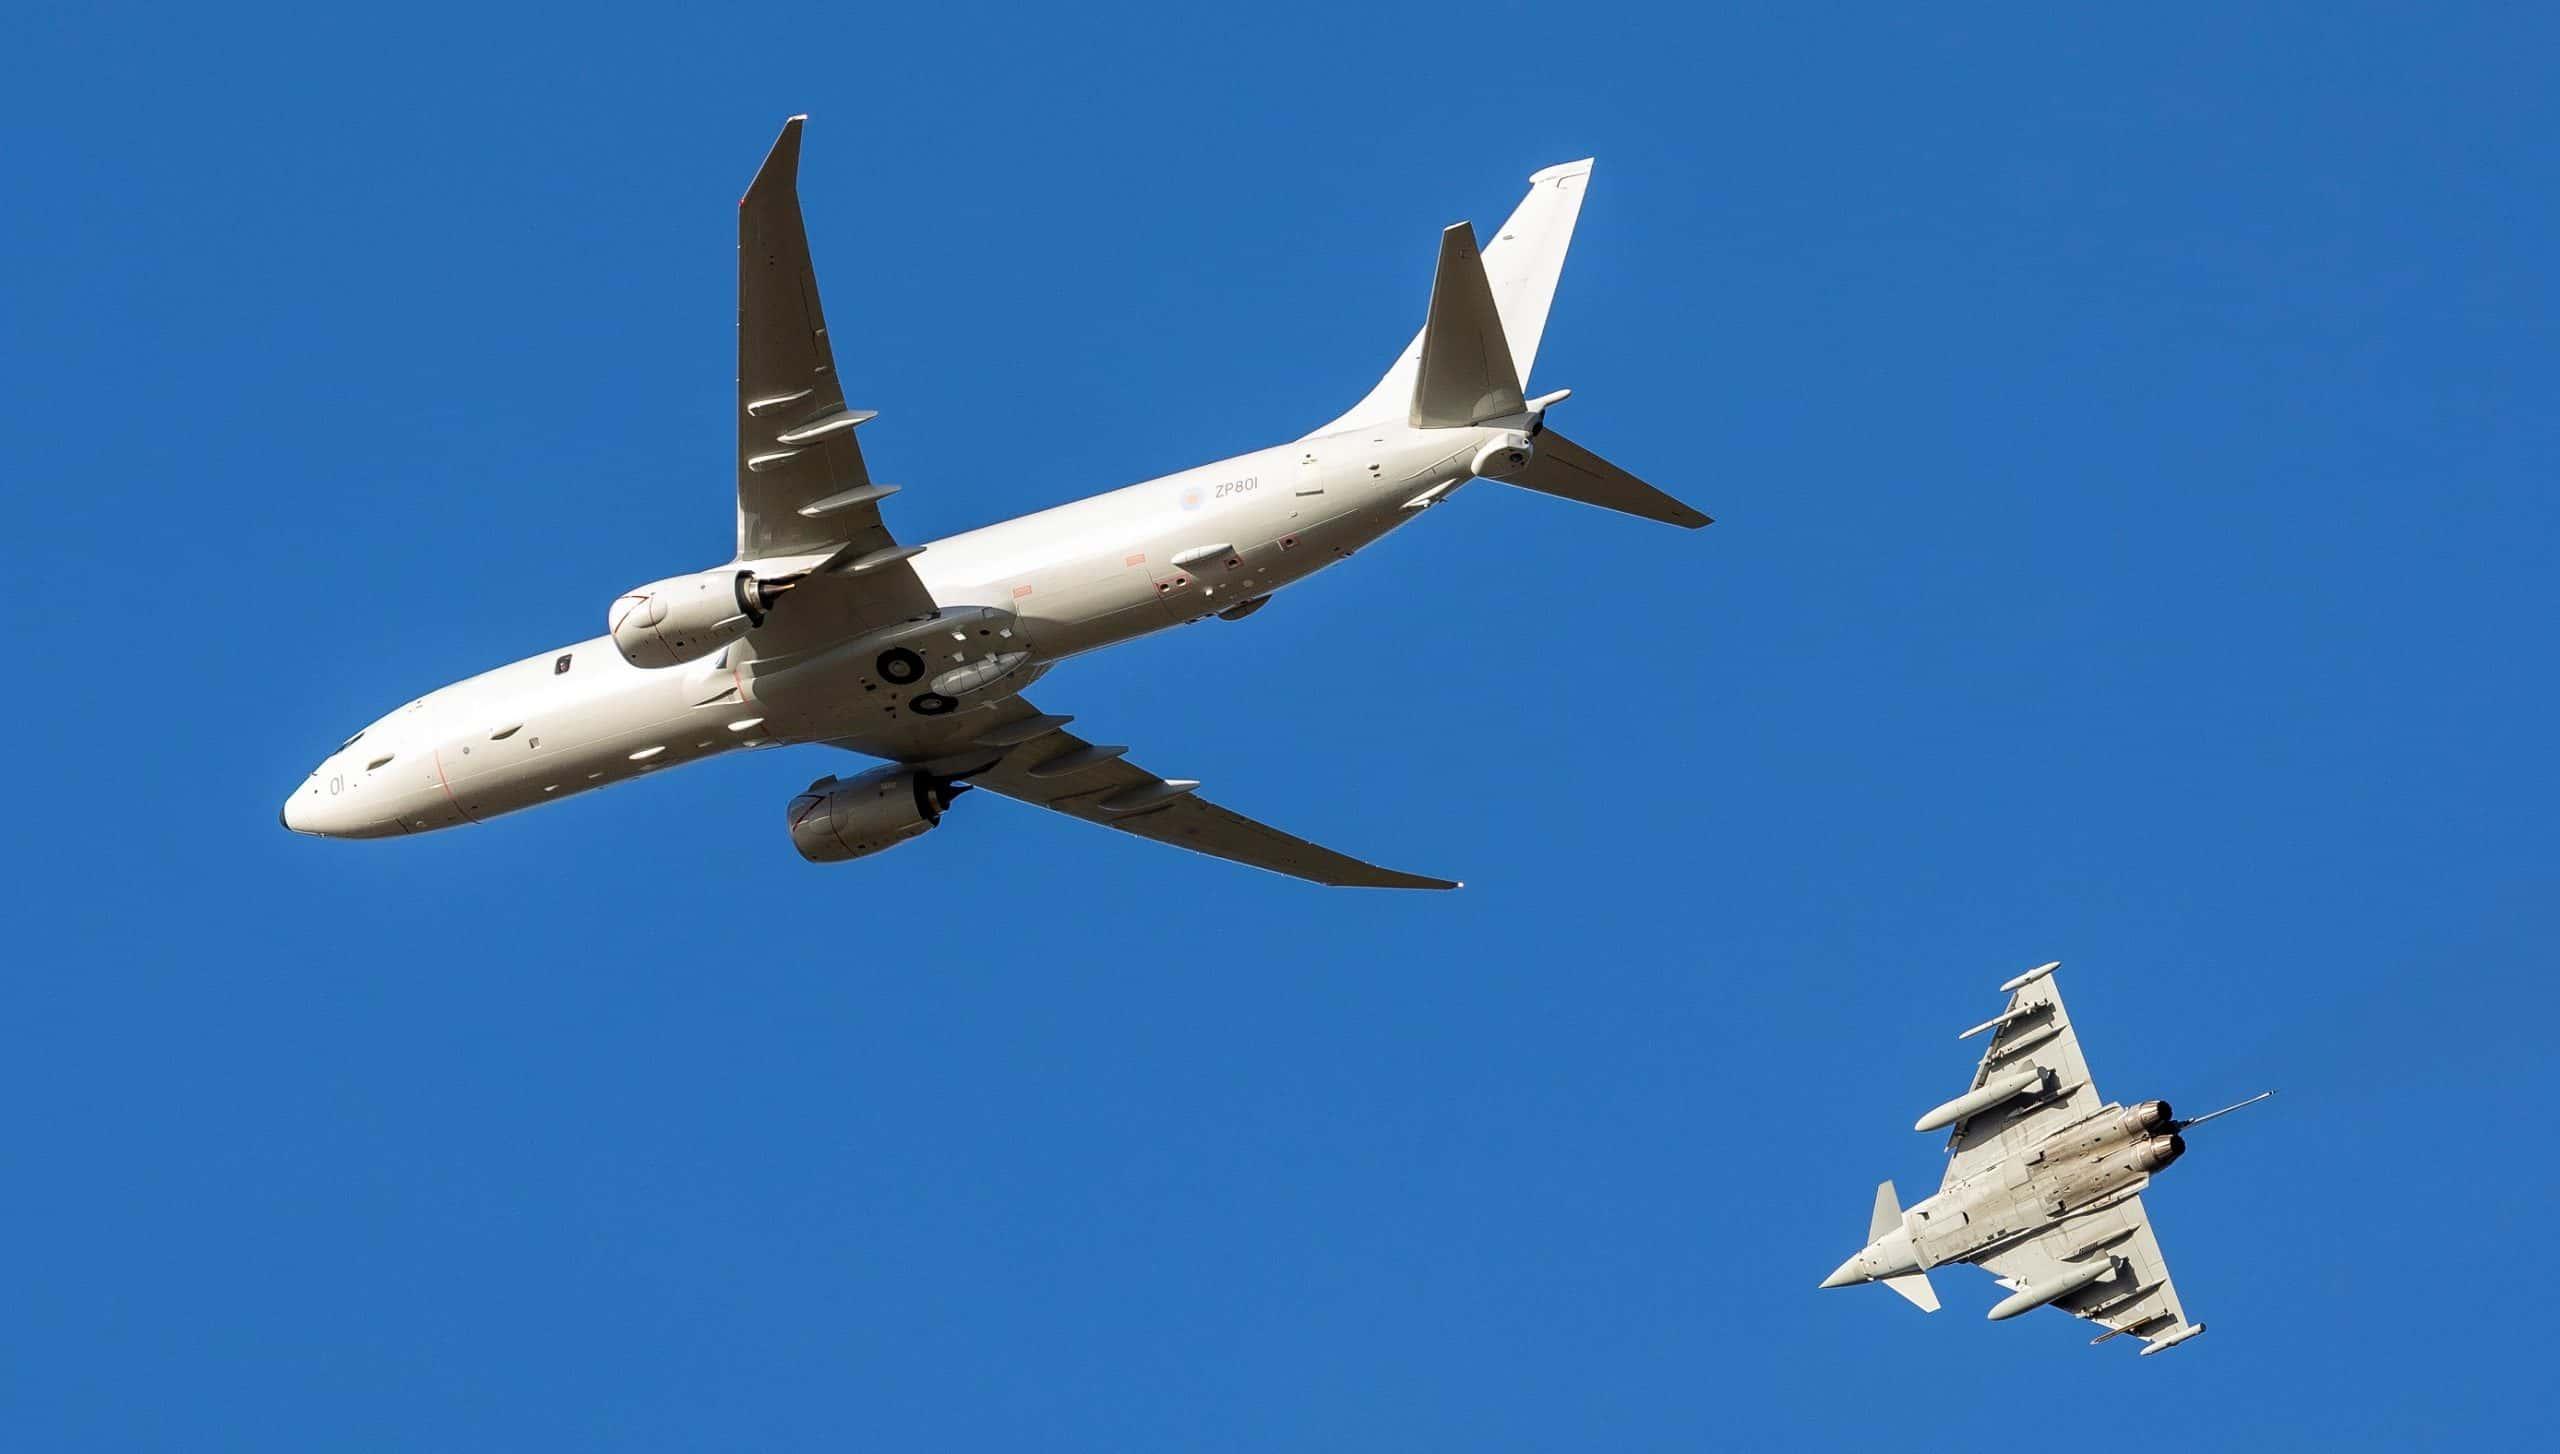 P-8A «Poseidon» ZP801 (MRA1) ПС Великої Британії. Лютий 2020. Фото: З відкритих джерел